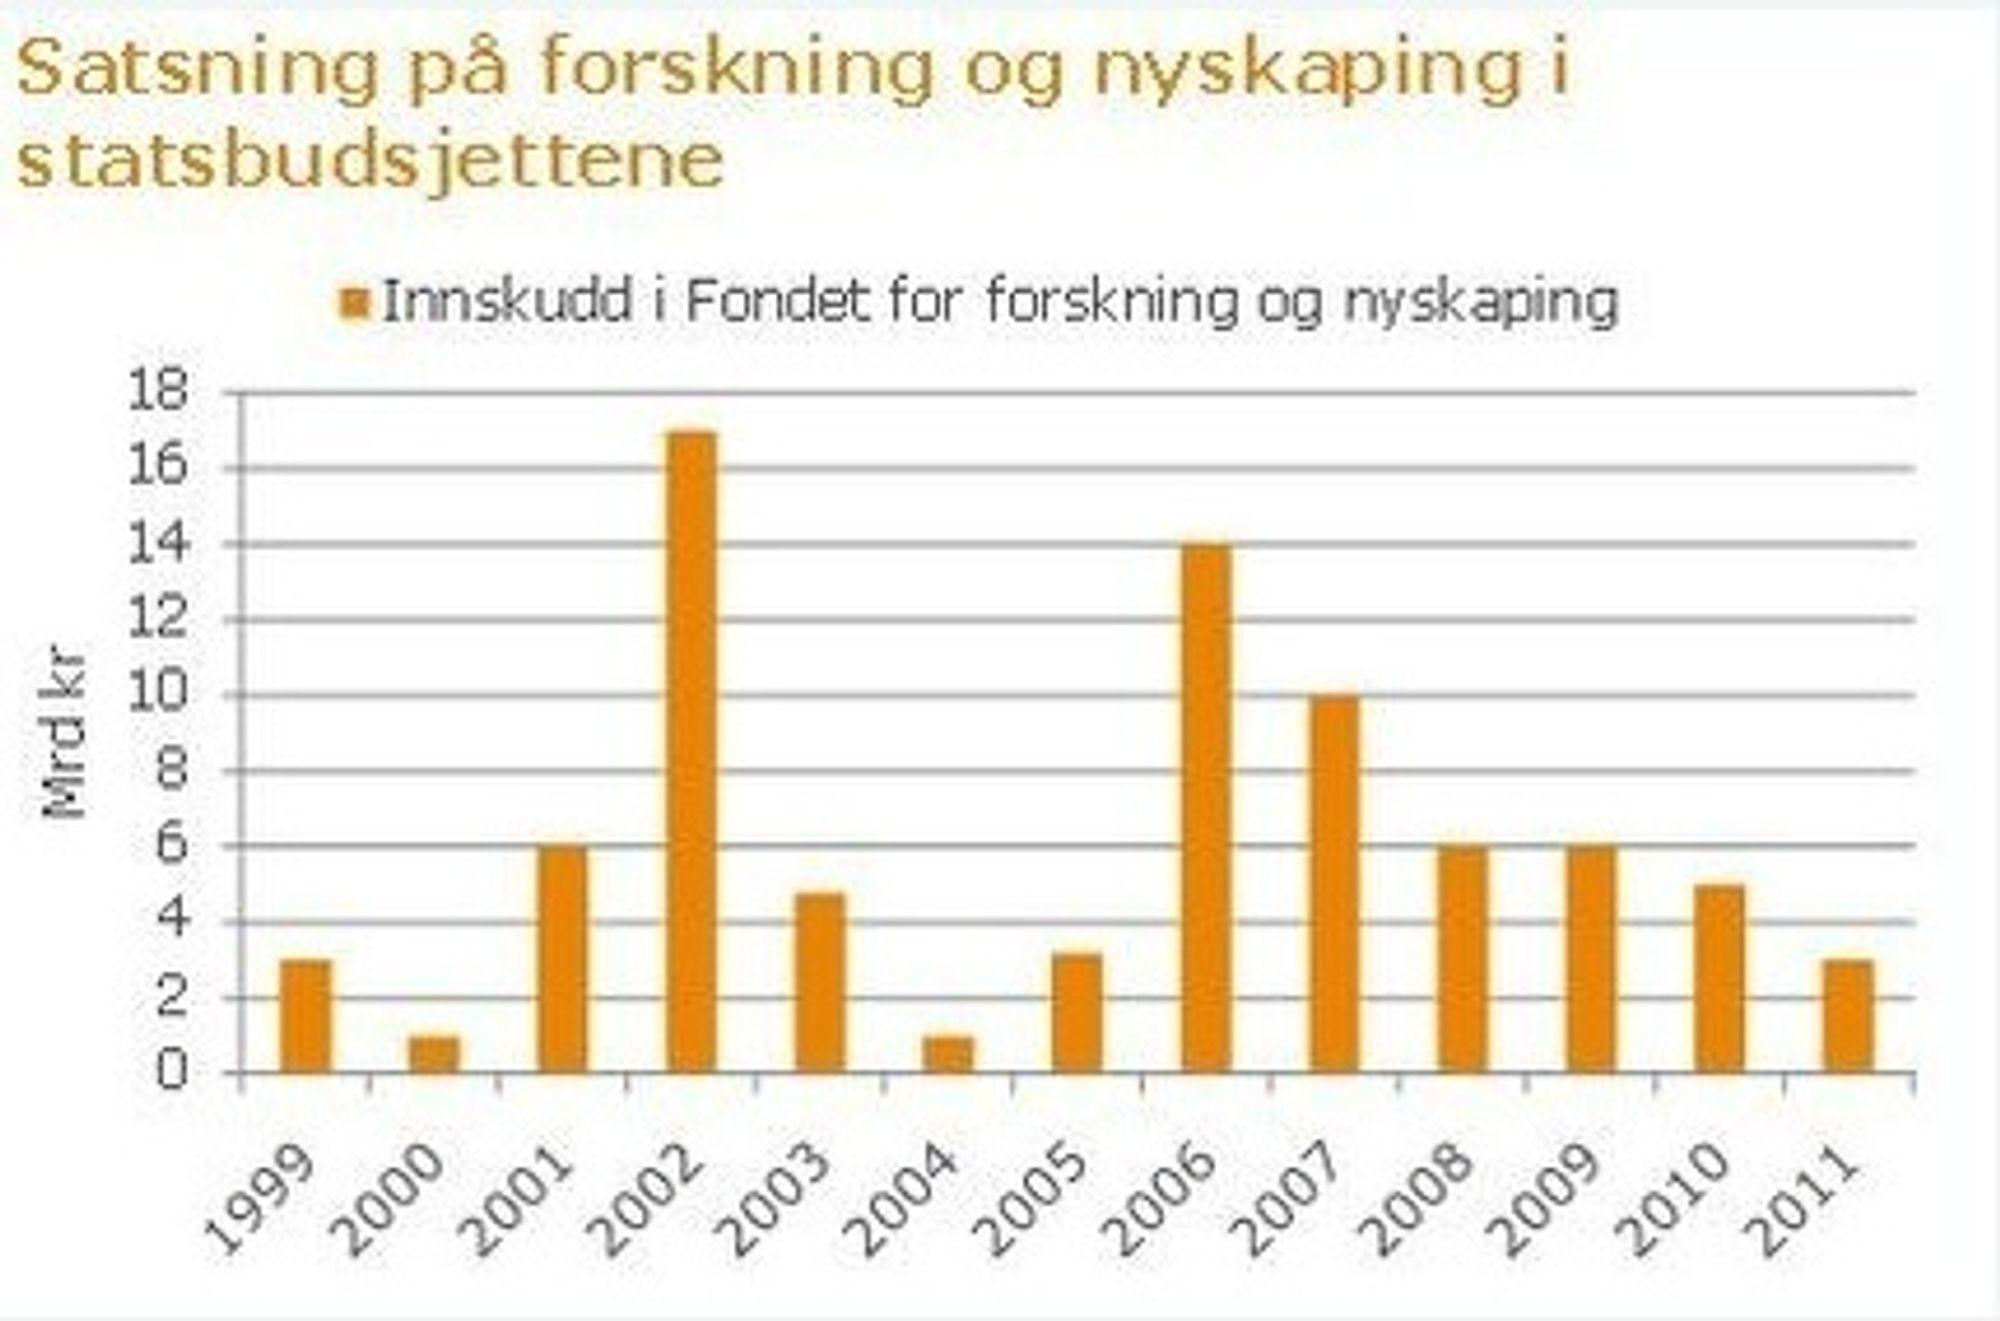 Regjeringens innskudd i fondet for forskning og nyskaping 1999-2011. Tall fra Norsk Industri.